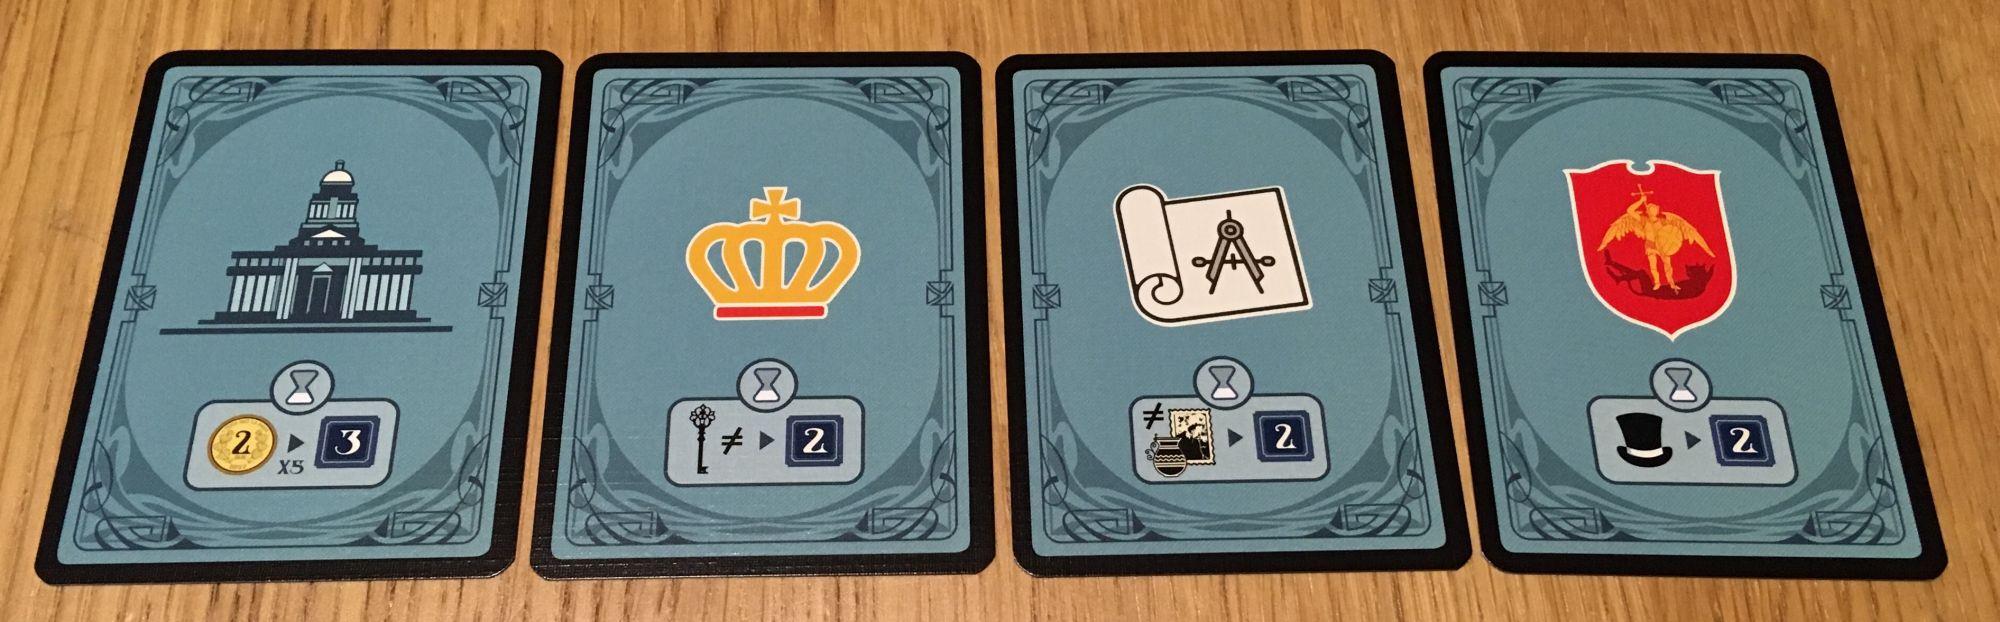 Les cartes Bonus